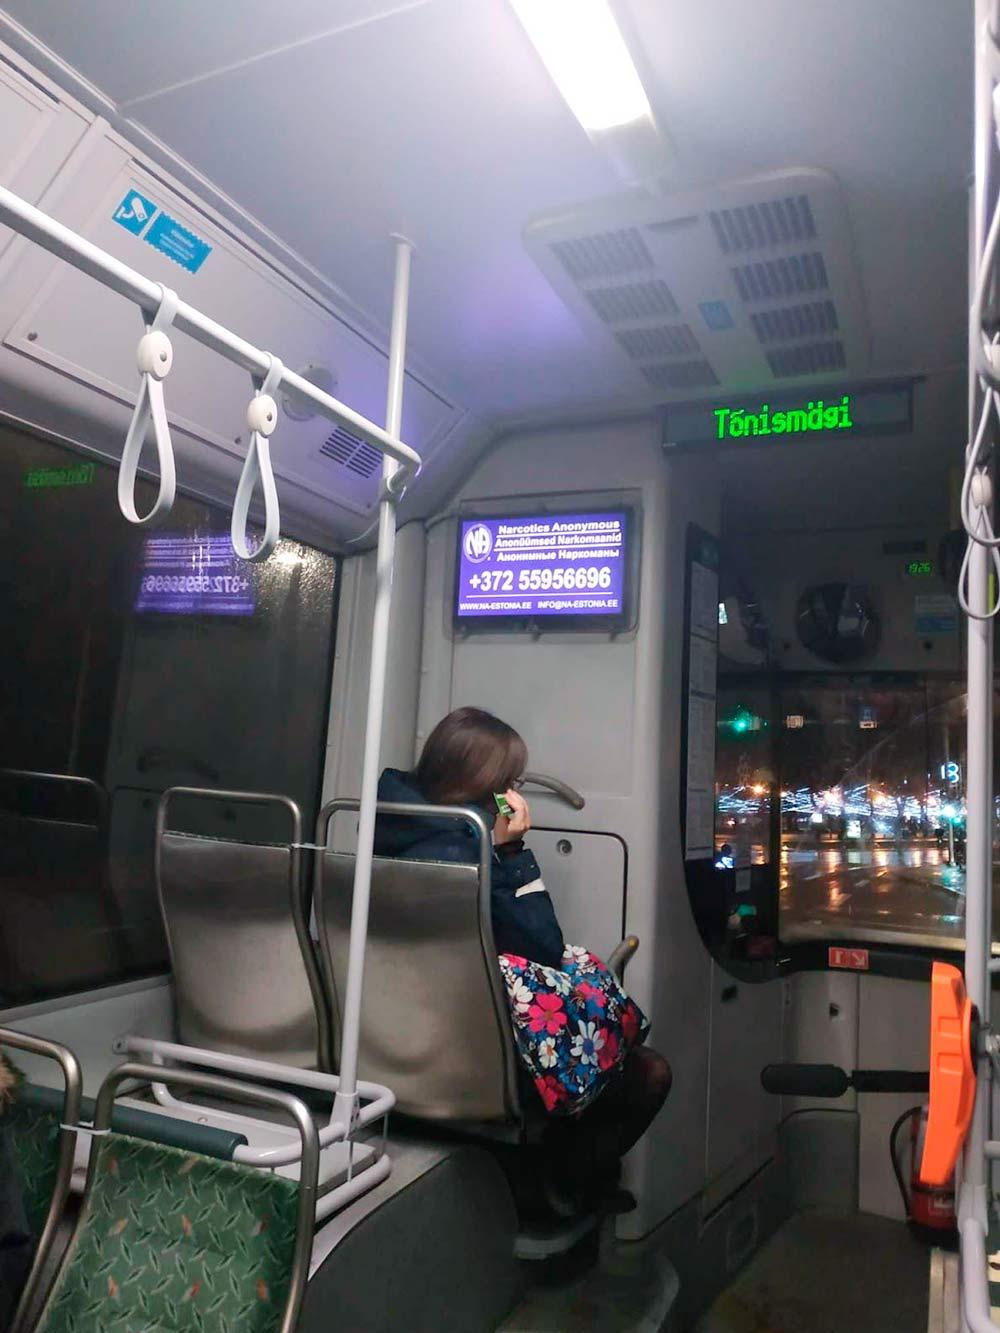 Реклама наркологического центра на английском, эстонском и русском языках в автобусе